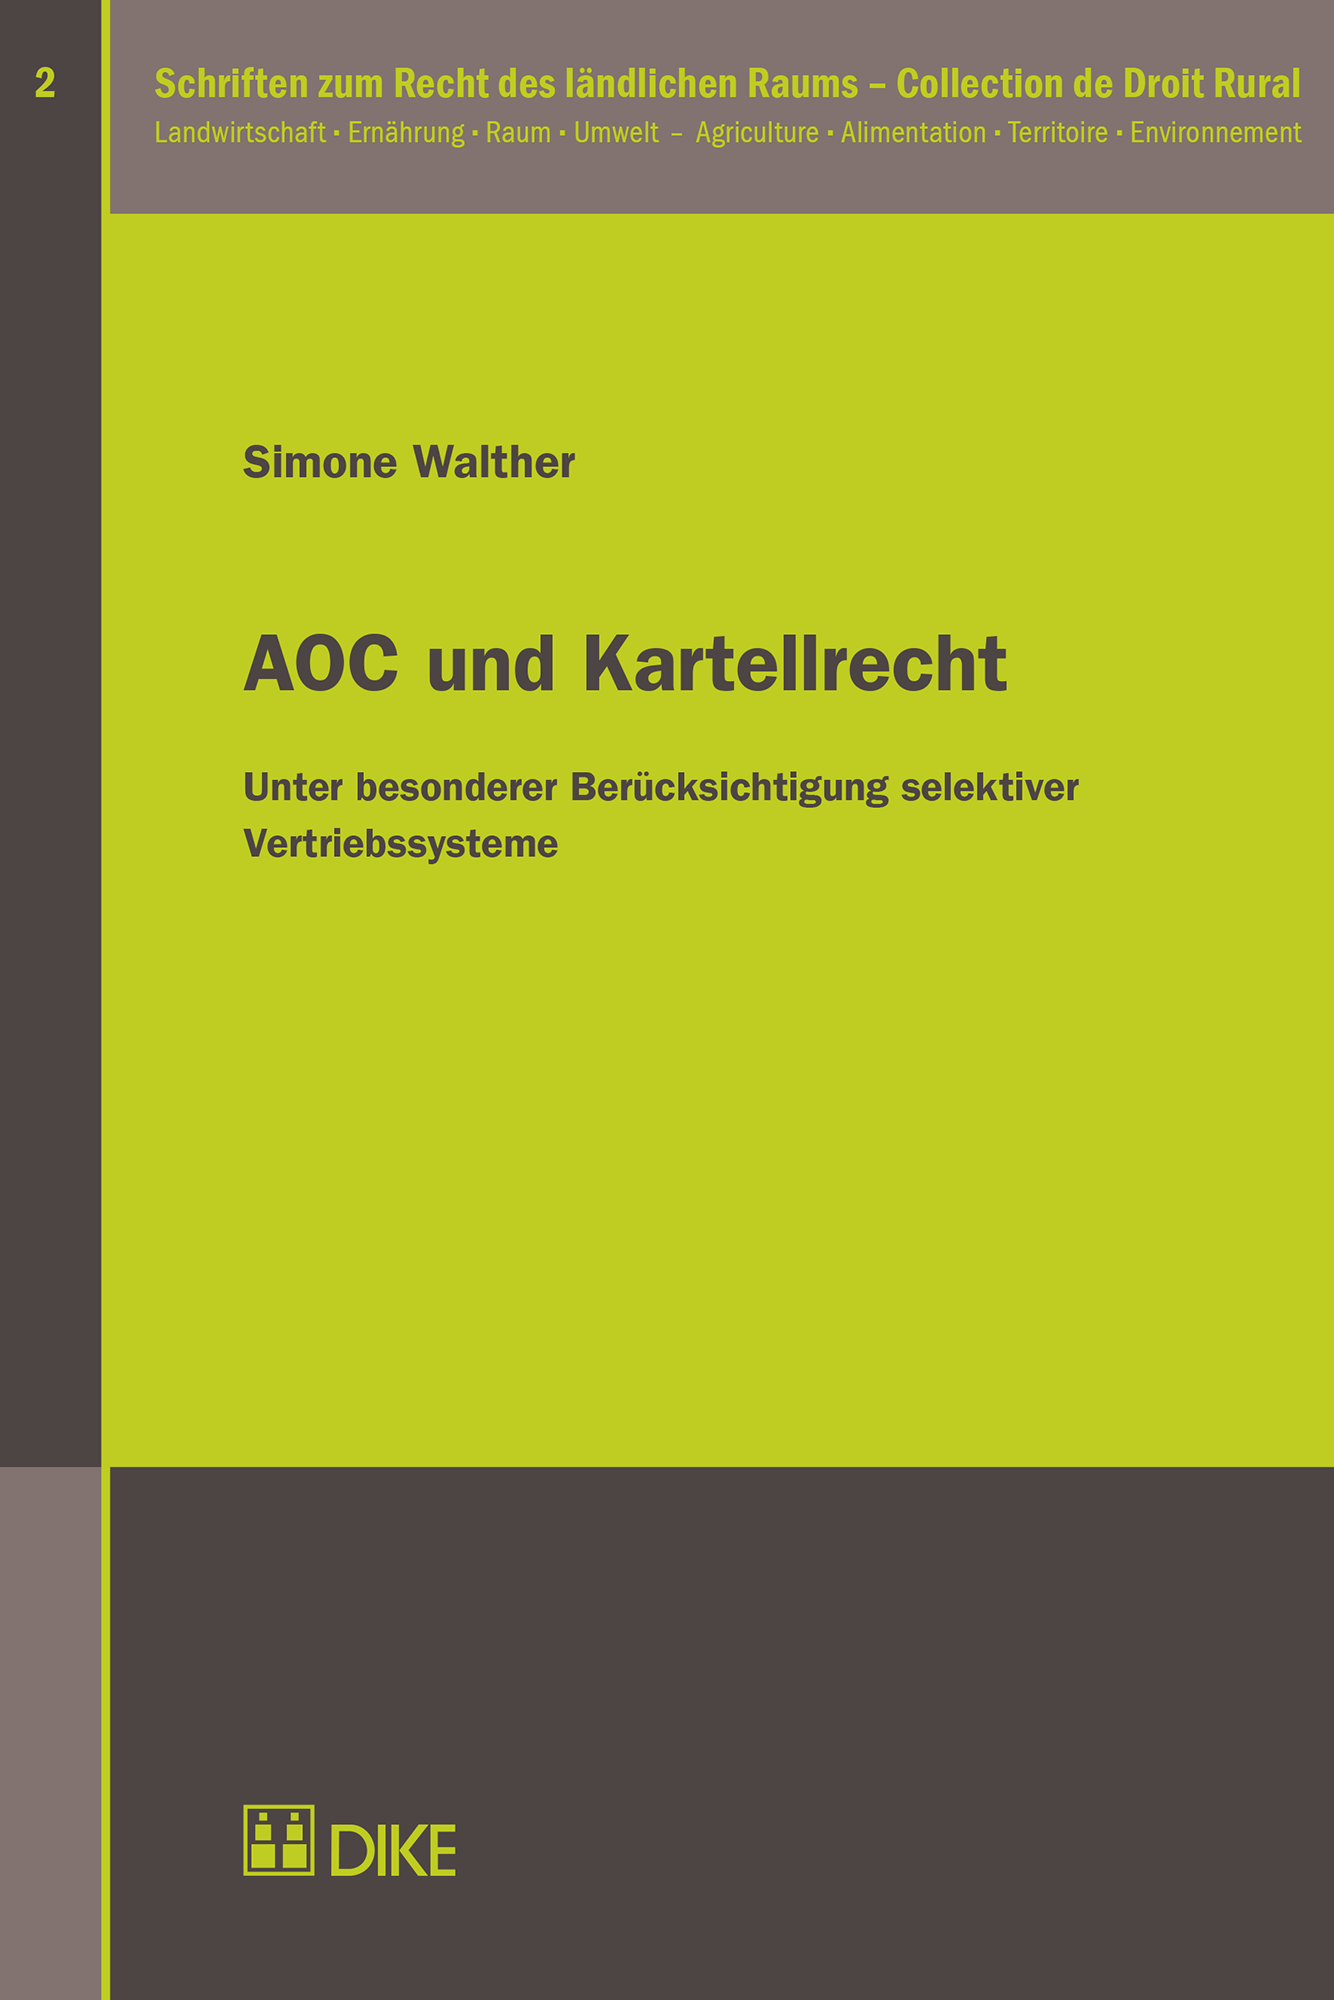 AOC und Kartellrecht